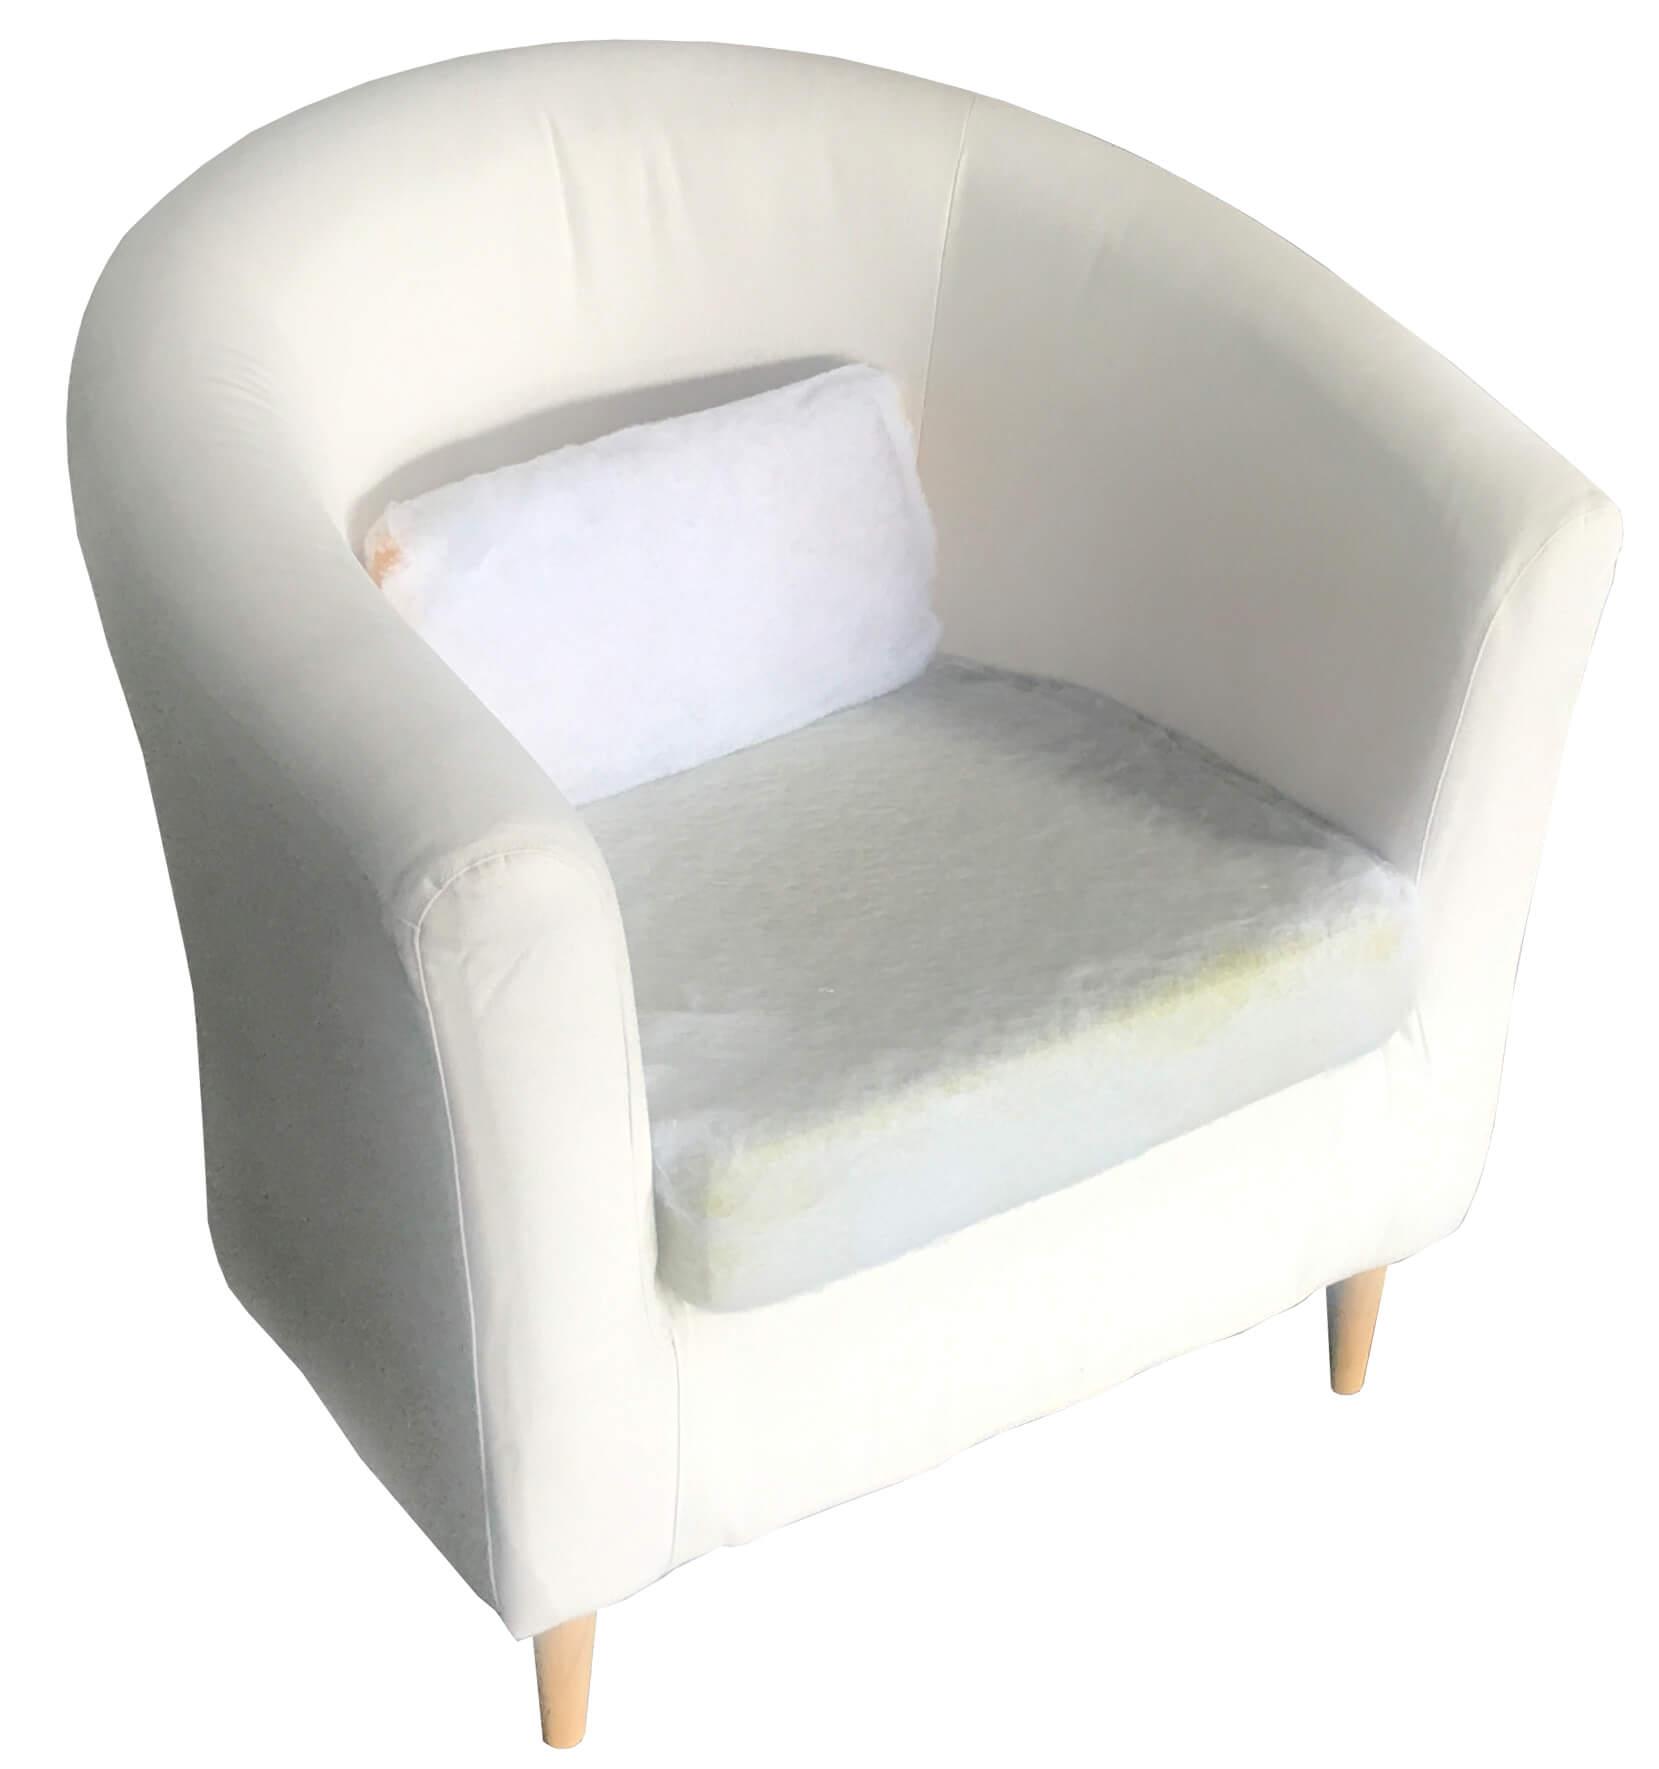 Full Size of Sessel Ikea Relaxsessel Garten Aldi Betten 160x200 Schlafzimmer Bei Küche Kosten Modulküche Kaufen Sofa Mit Schlaffunktion Hängesessel Lounge Wohnzimmer Wohnzimmer Sessel Ikea